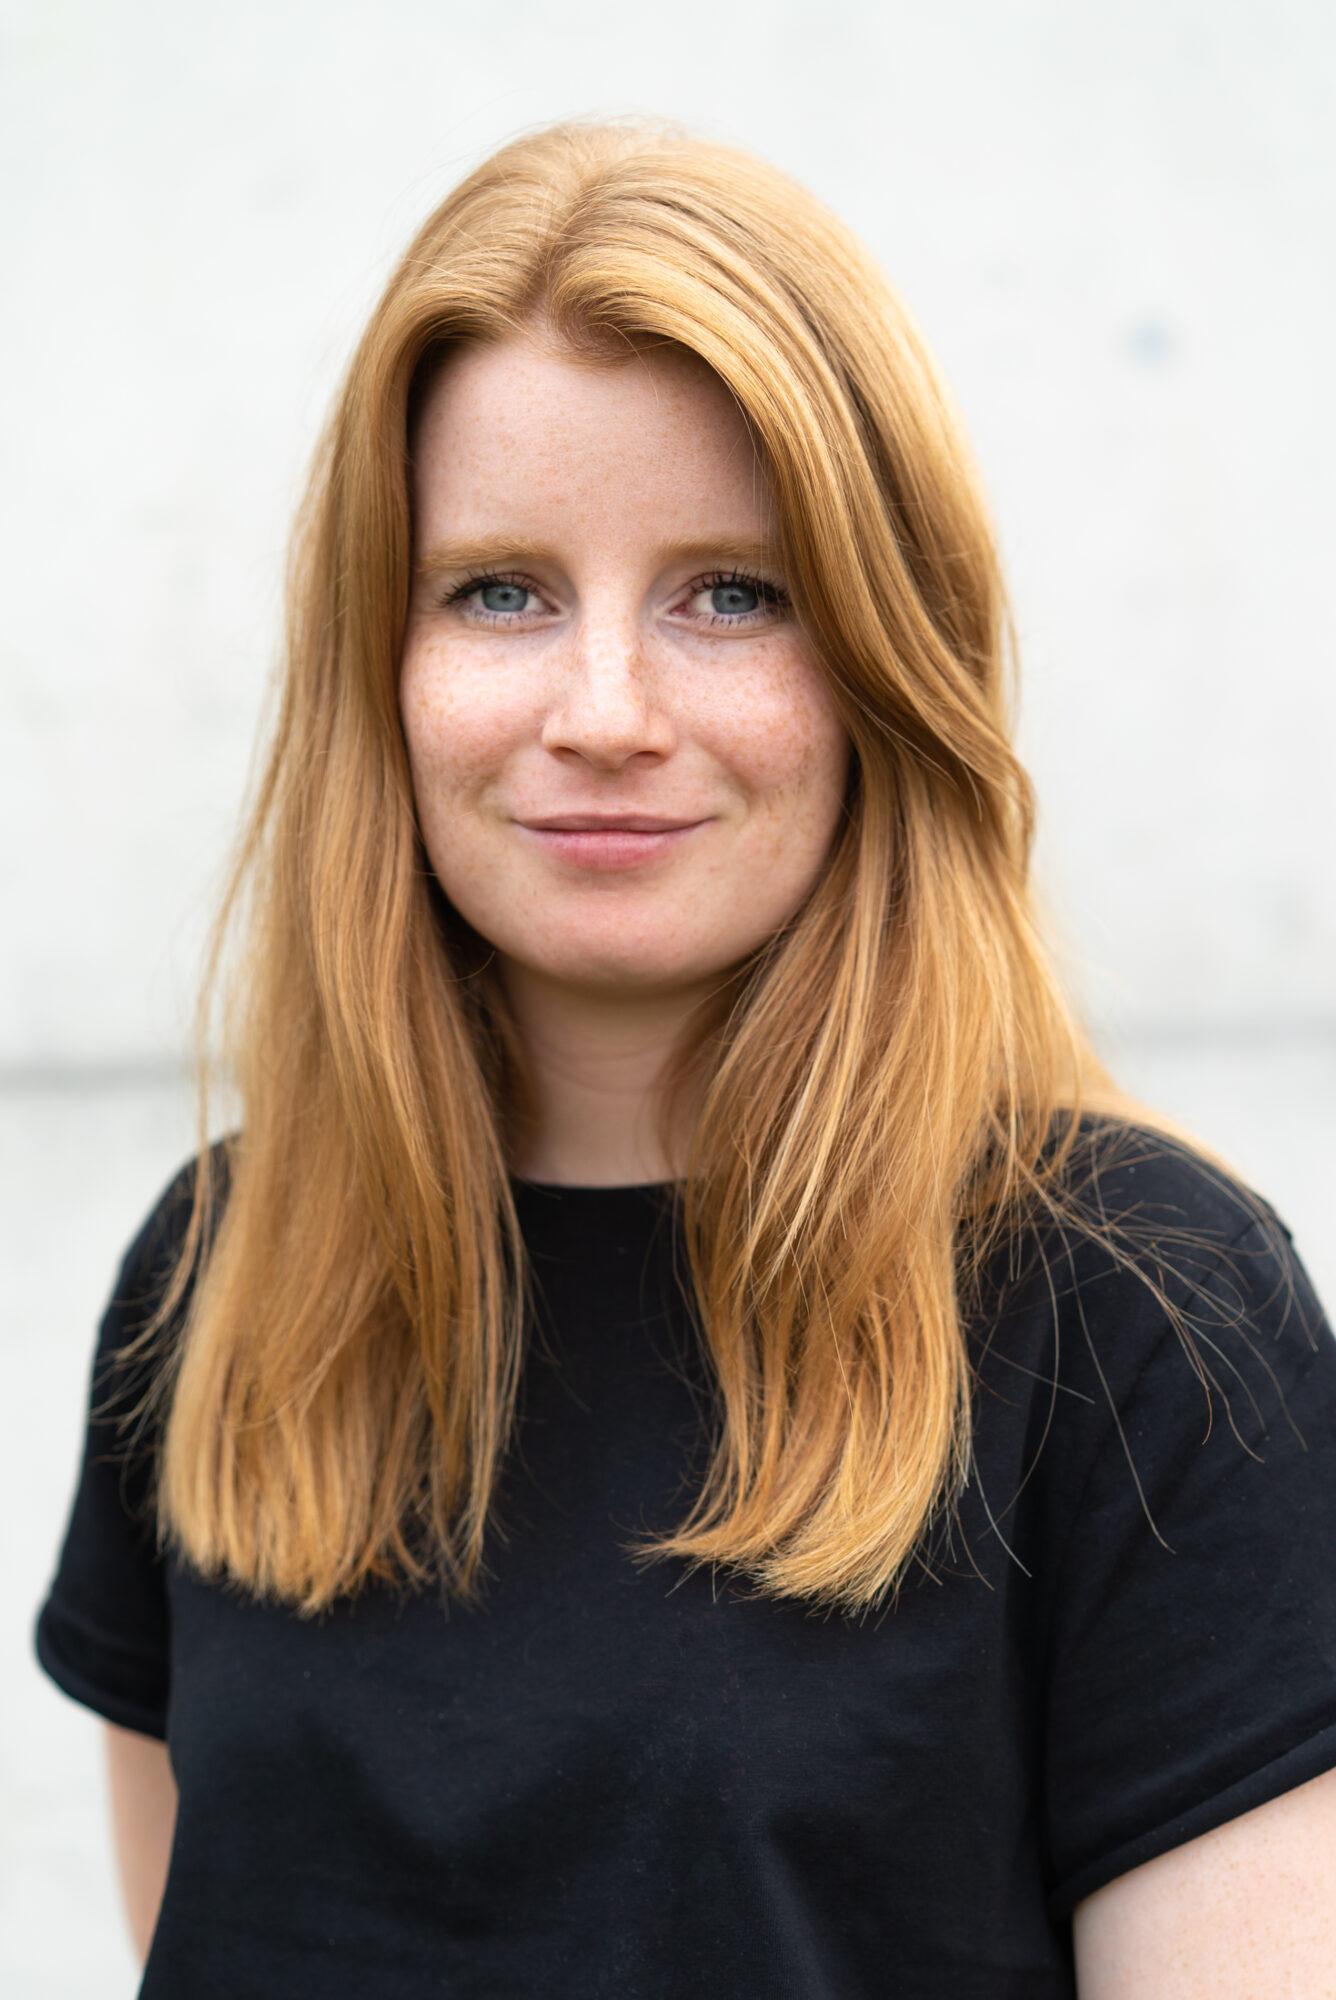 Julia Dunlop